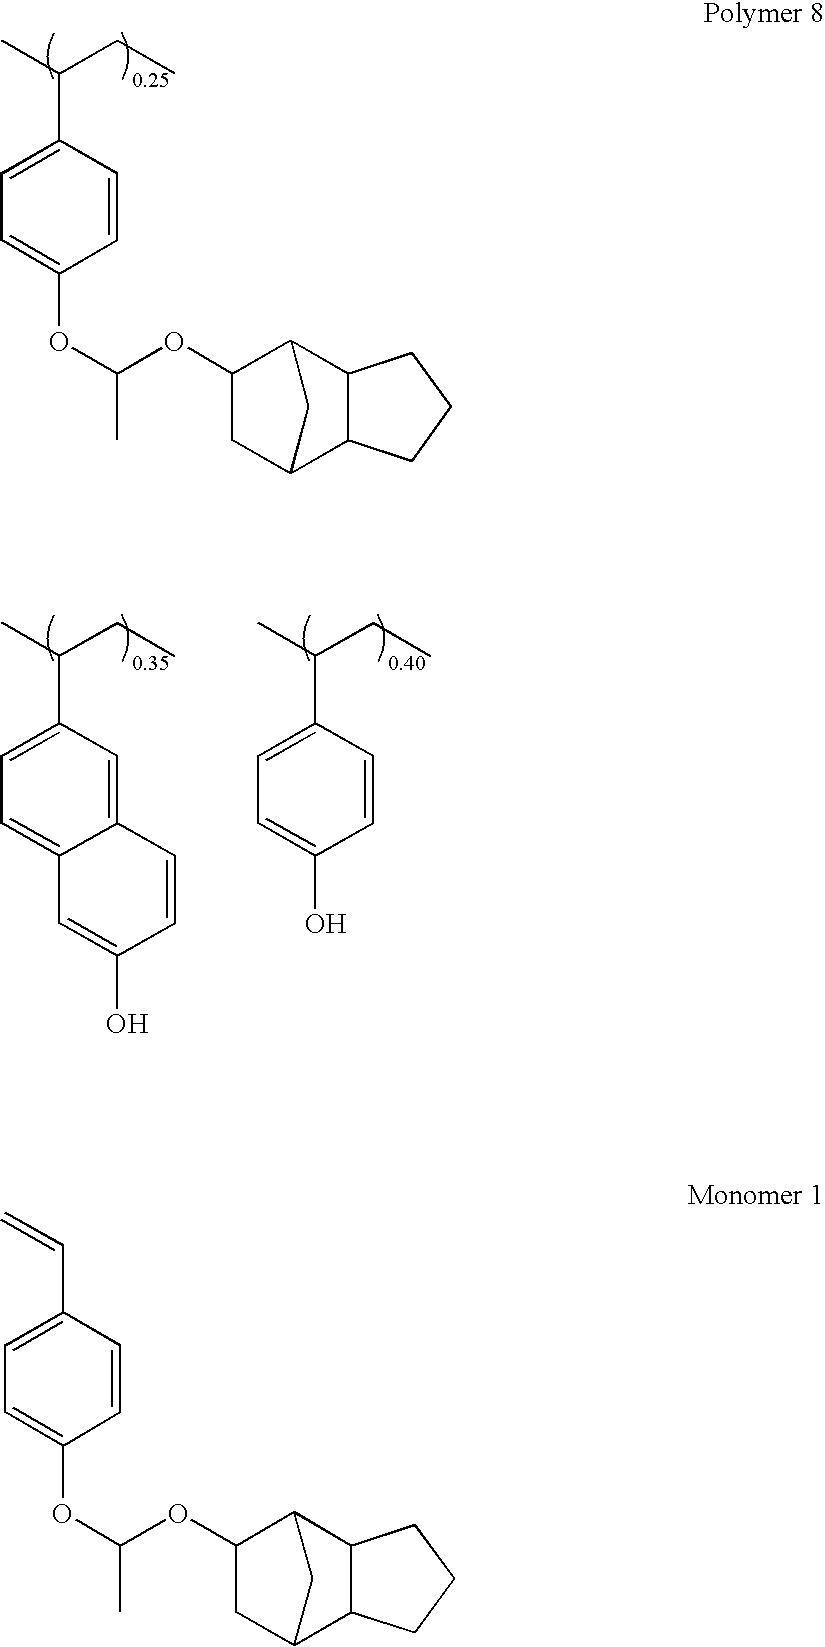 Figure US20080020289A1-20080124-C00075